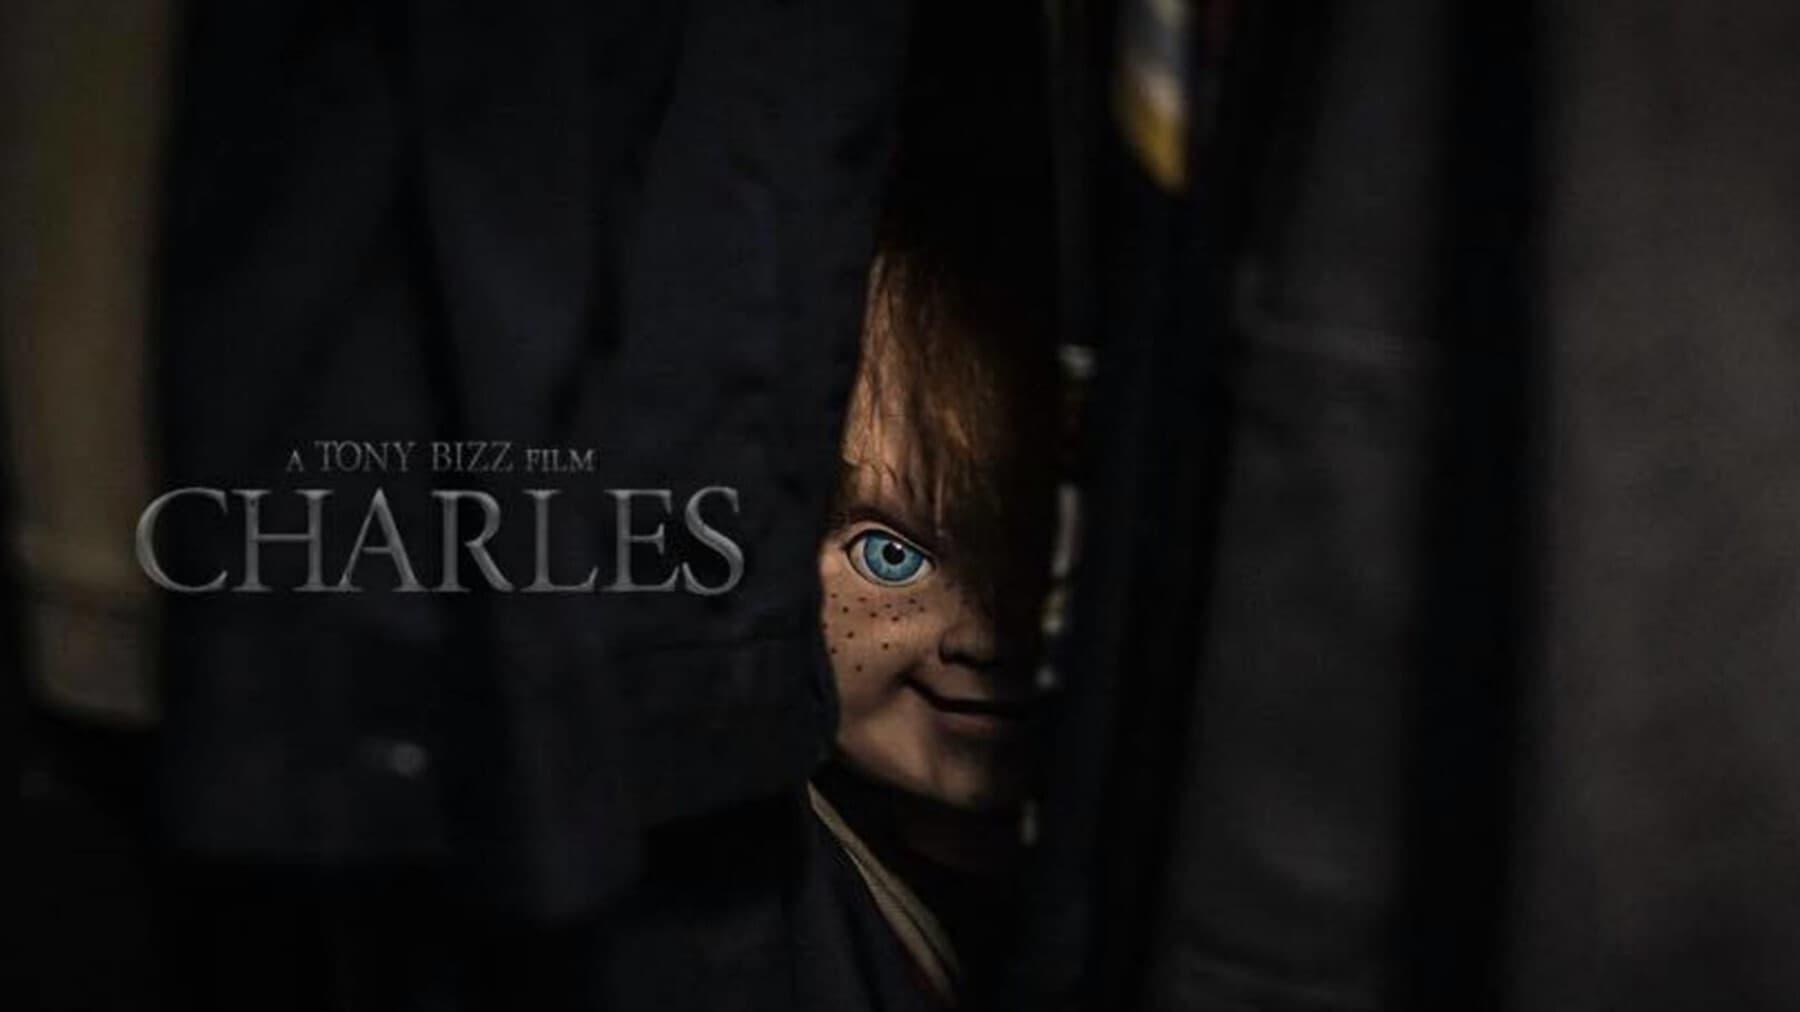 Charles (2021) 4K Movie Online Full